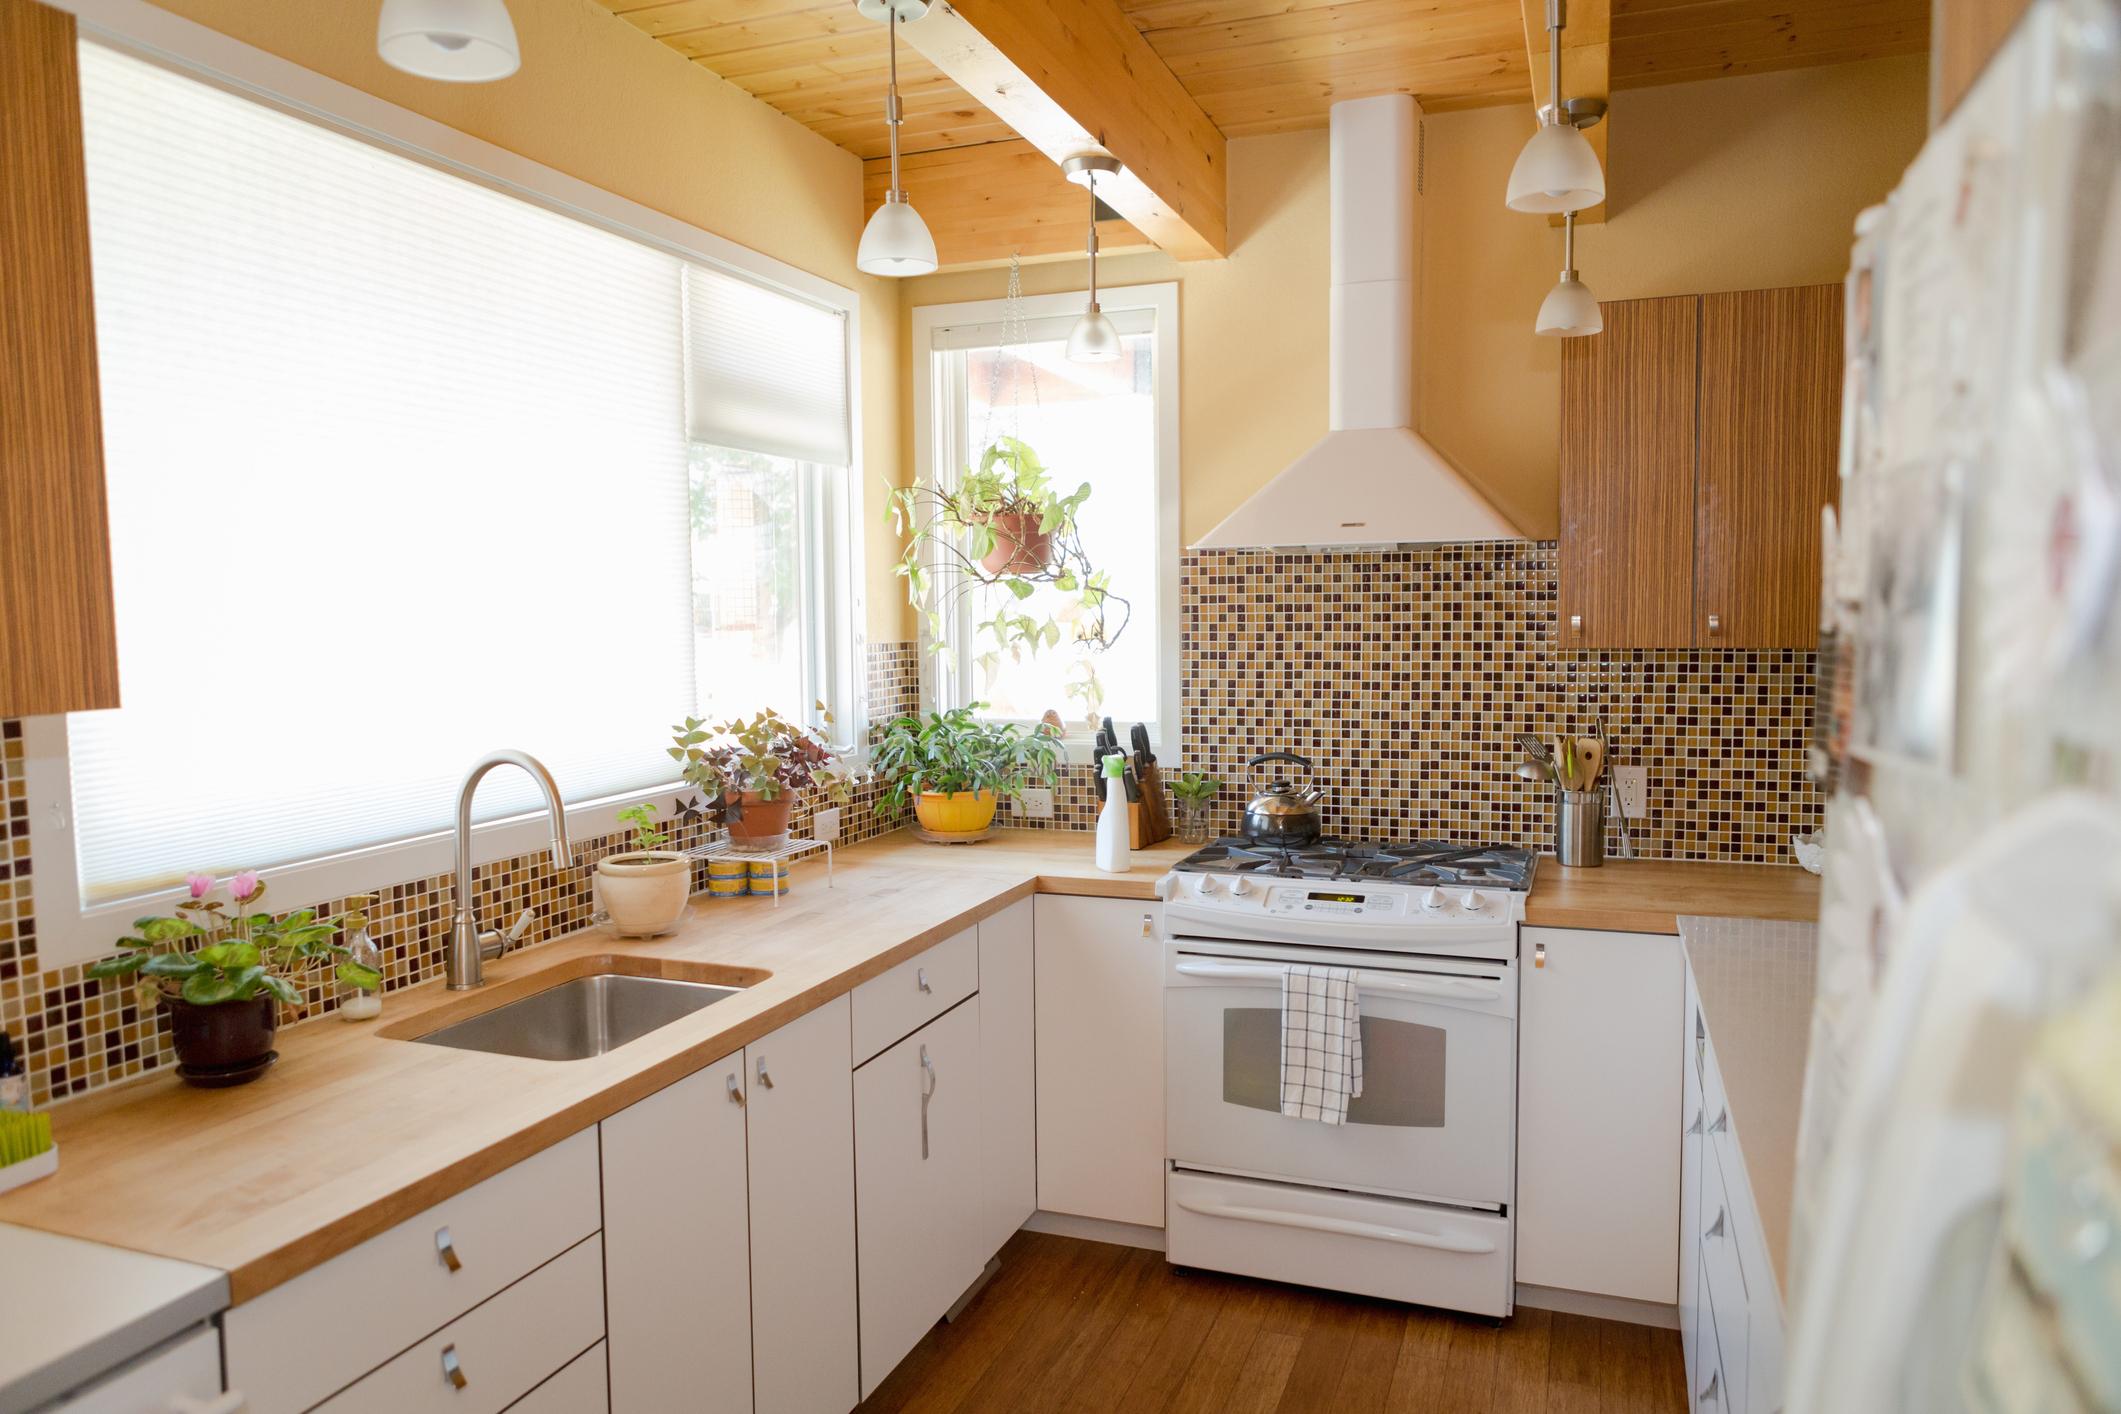 5 Cara Menciptakan Dapur Ramah Lingkungan Beserta Contoh Desainnya!